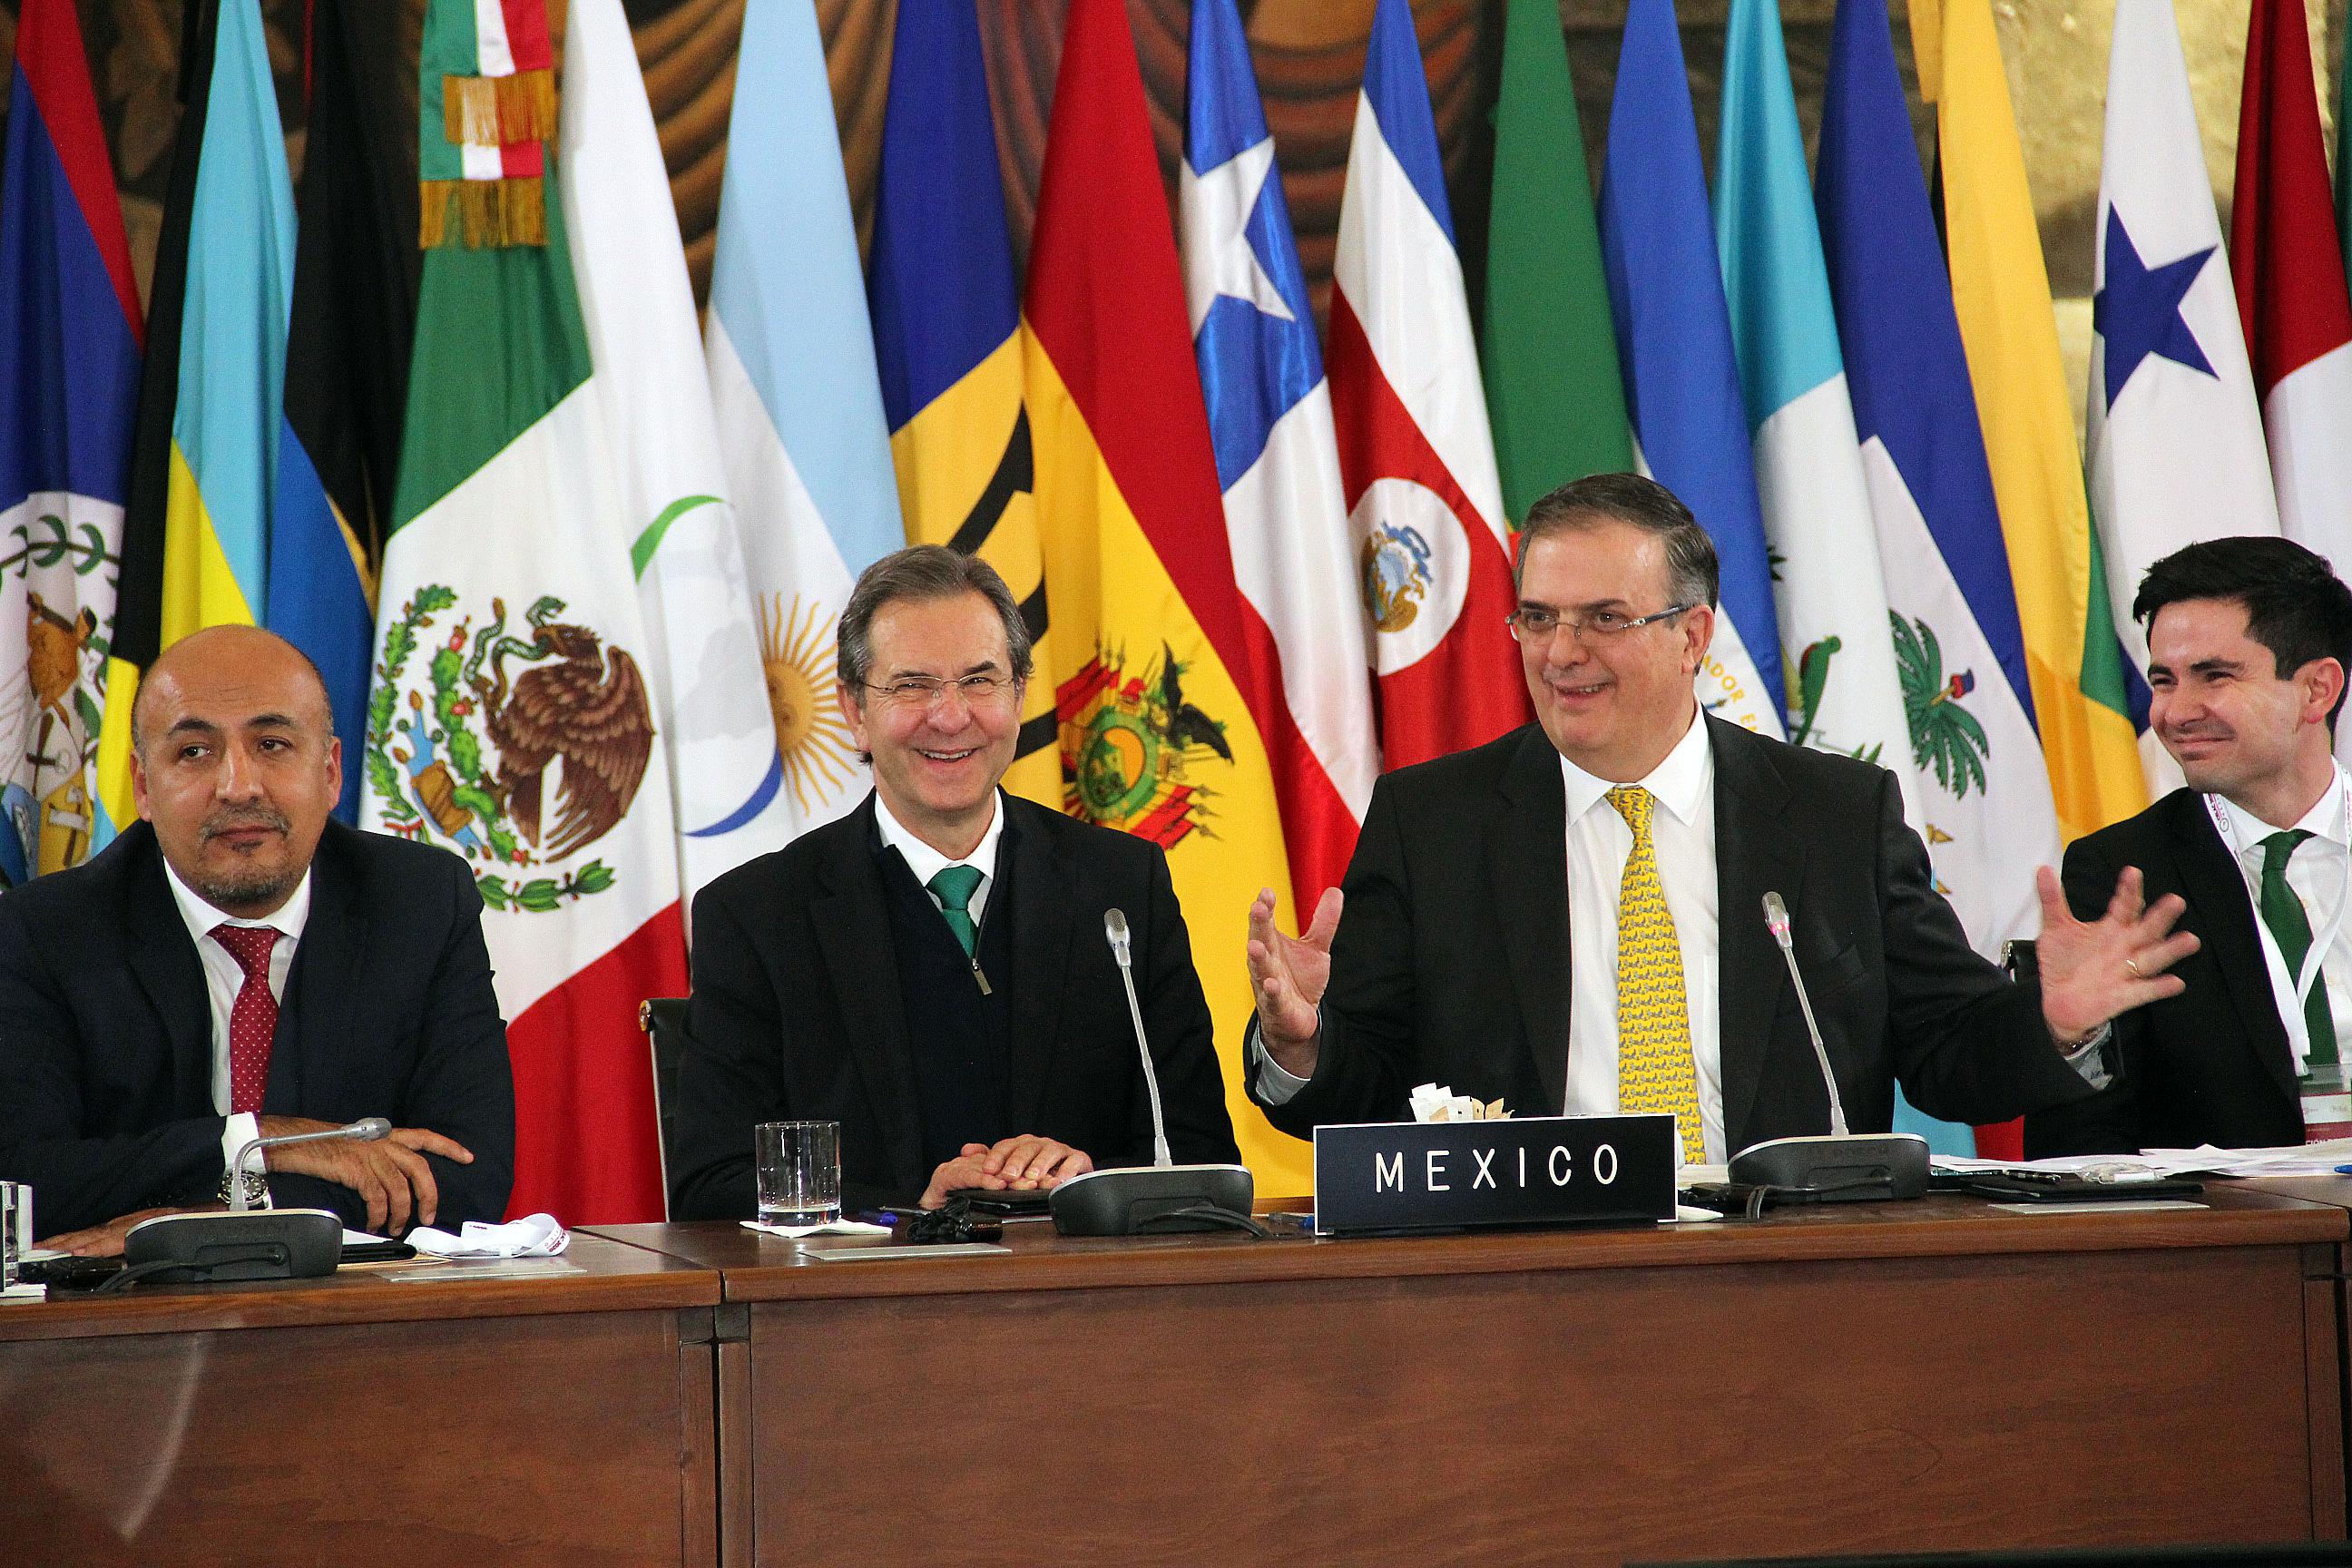 Se busca construir a través de la educación un país inclusivo, productivo y democrático: Esteban Moctezuma Barragán